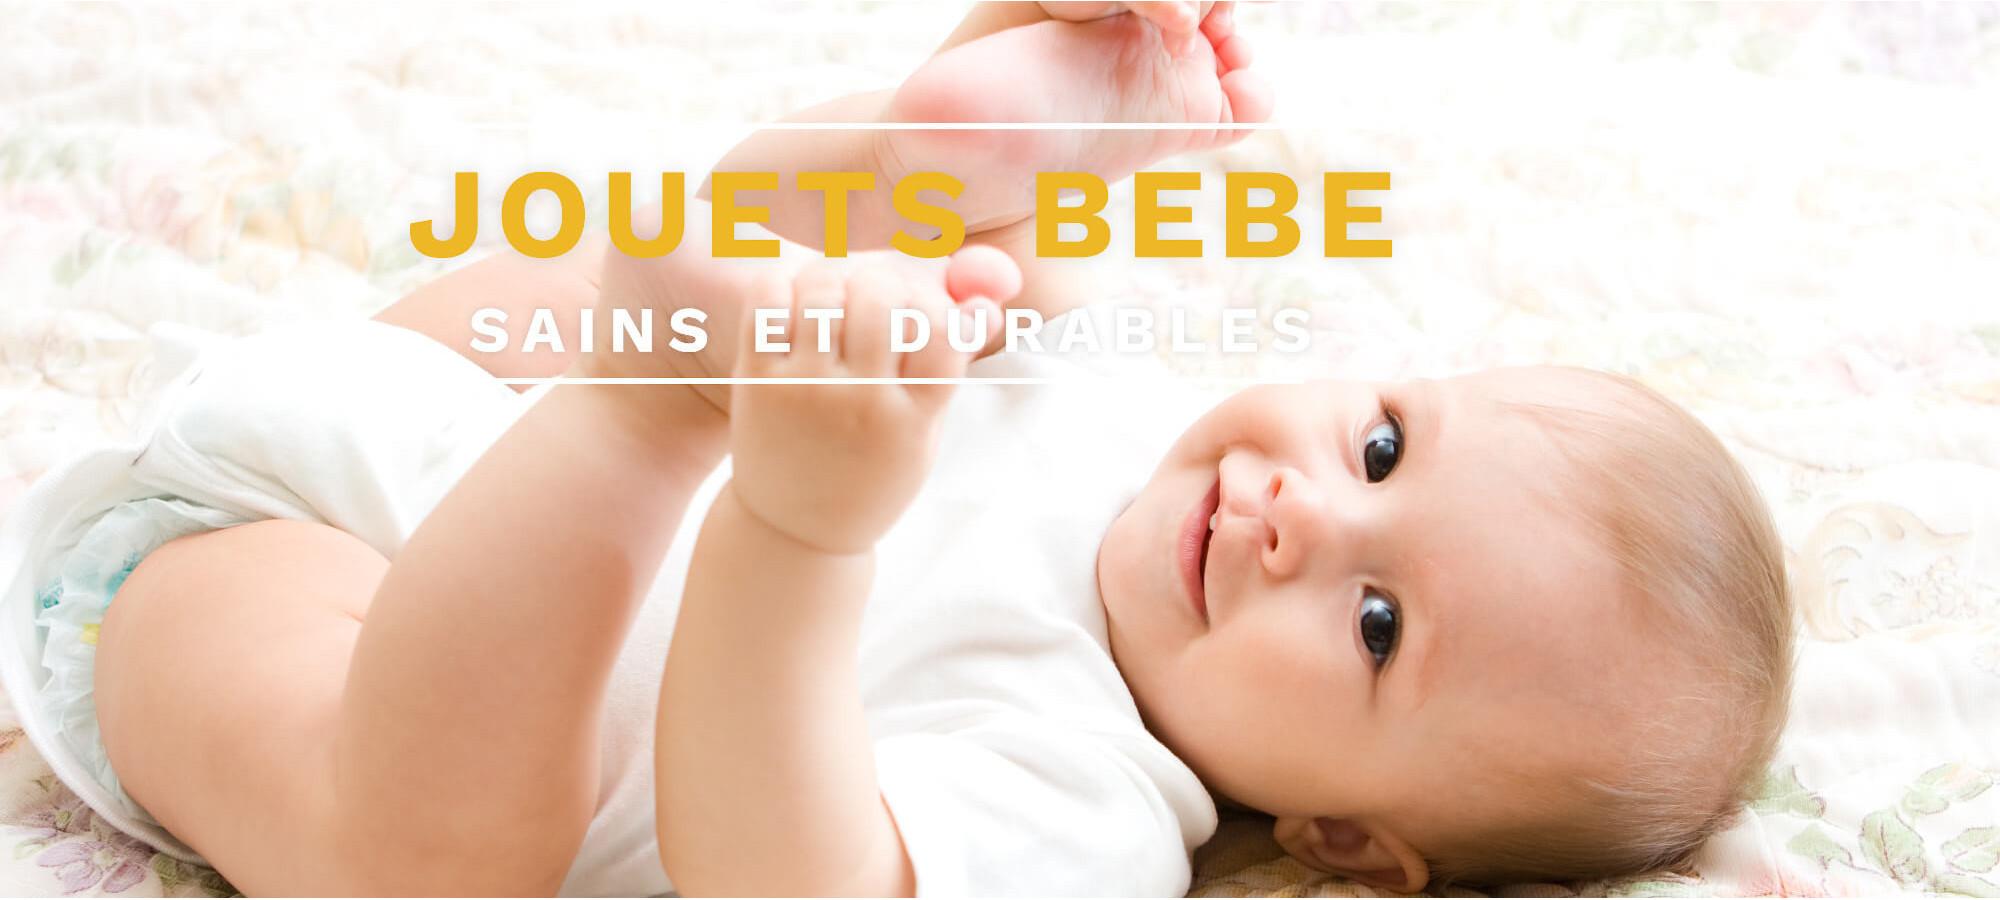 Jouets bébé d'inspiration Montessori :  - Site FR - Livraison rapide - Top QUALITÉ